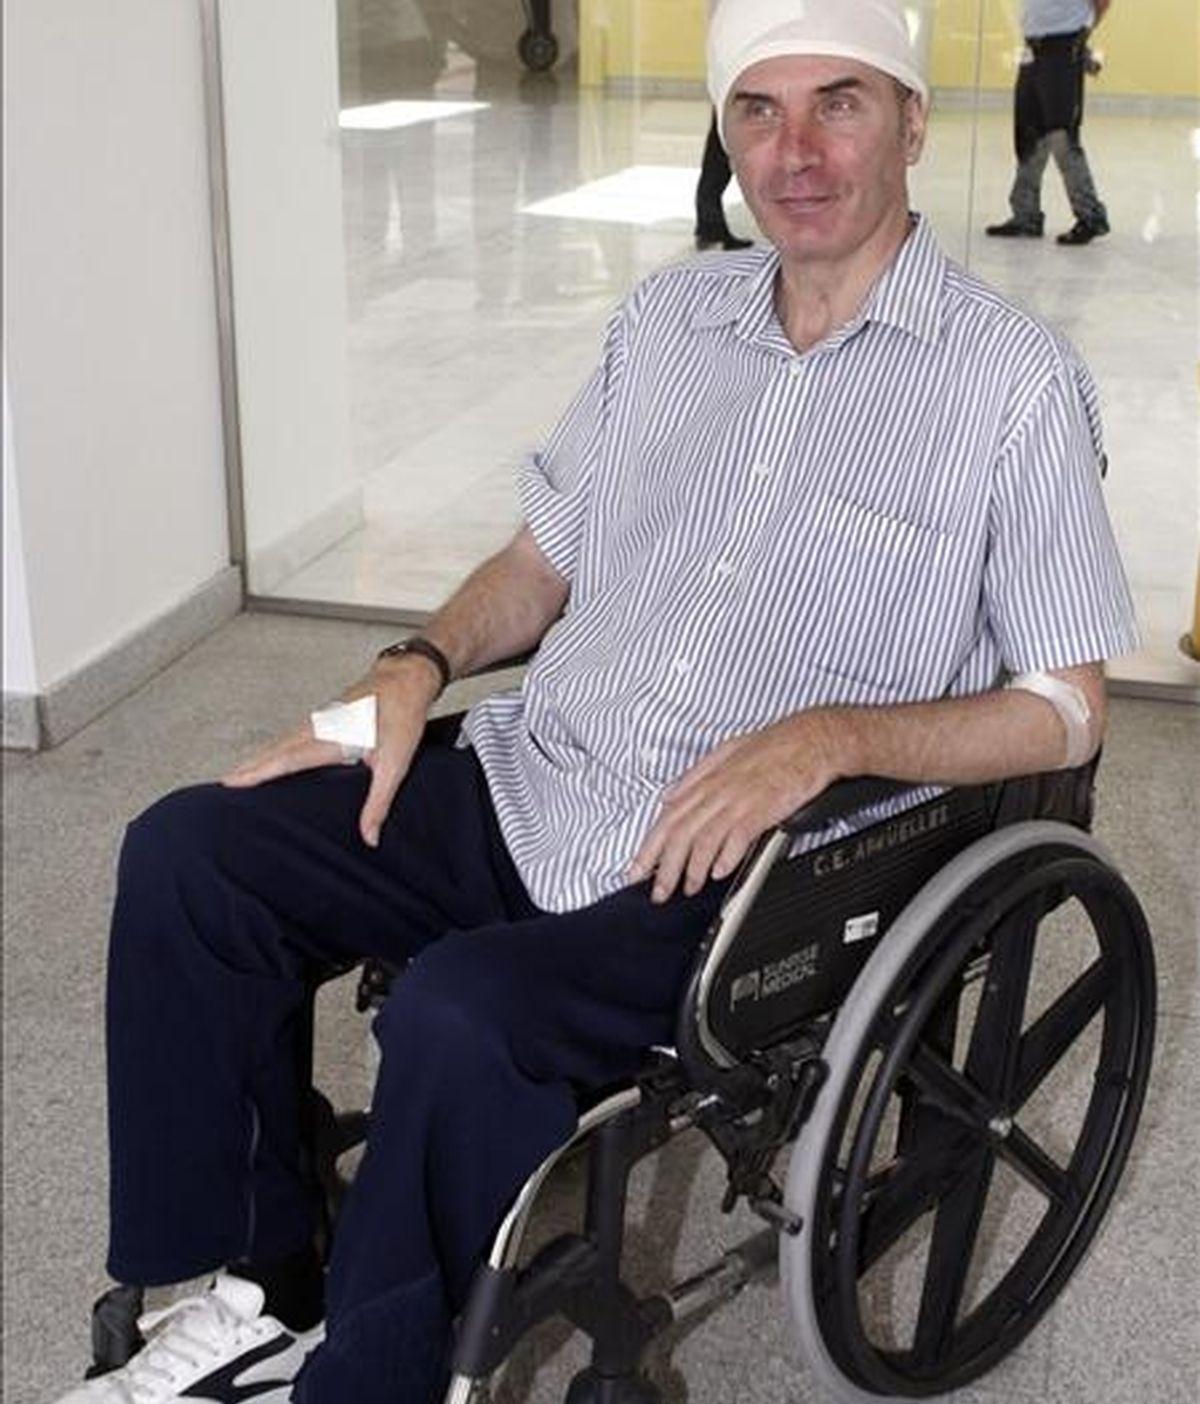 El profesor Jesús Neira en el hospital Puerta de Hierro de Majadahonda en 2009. EFE/Archivo